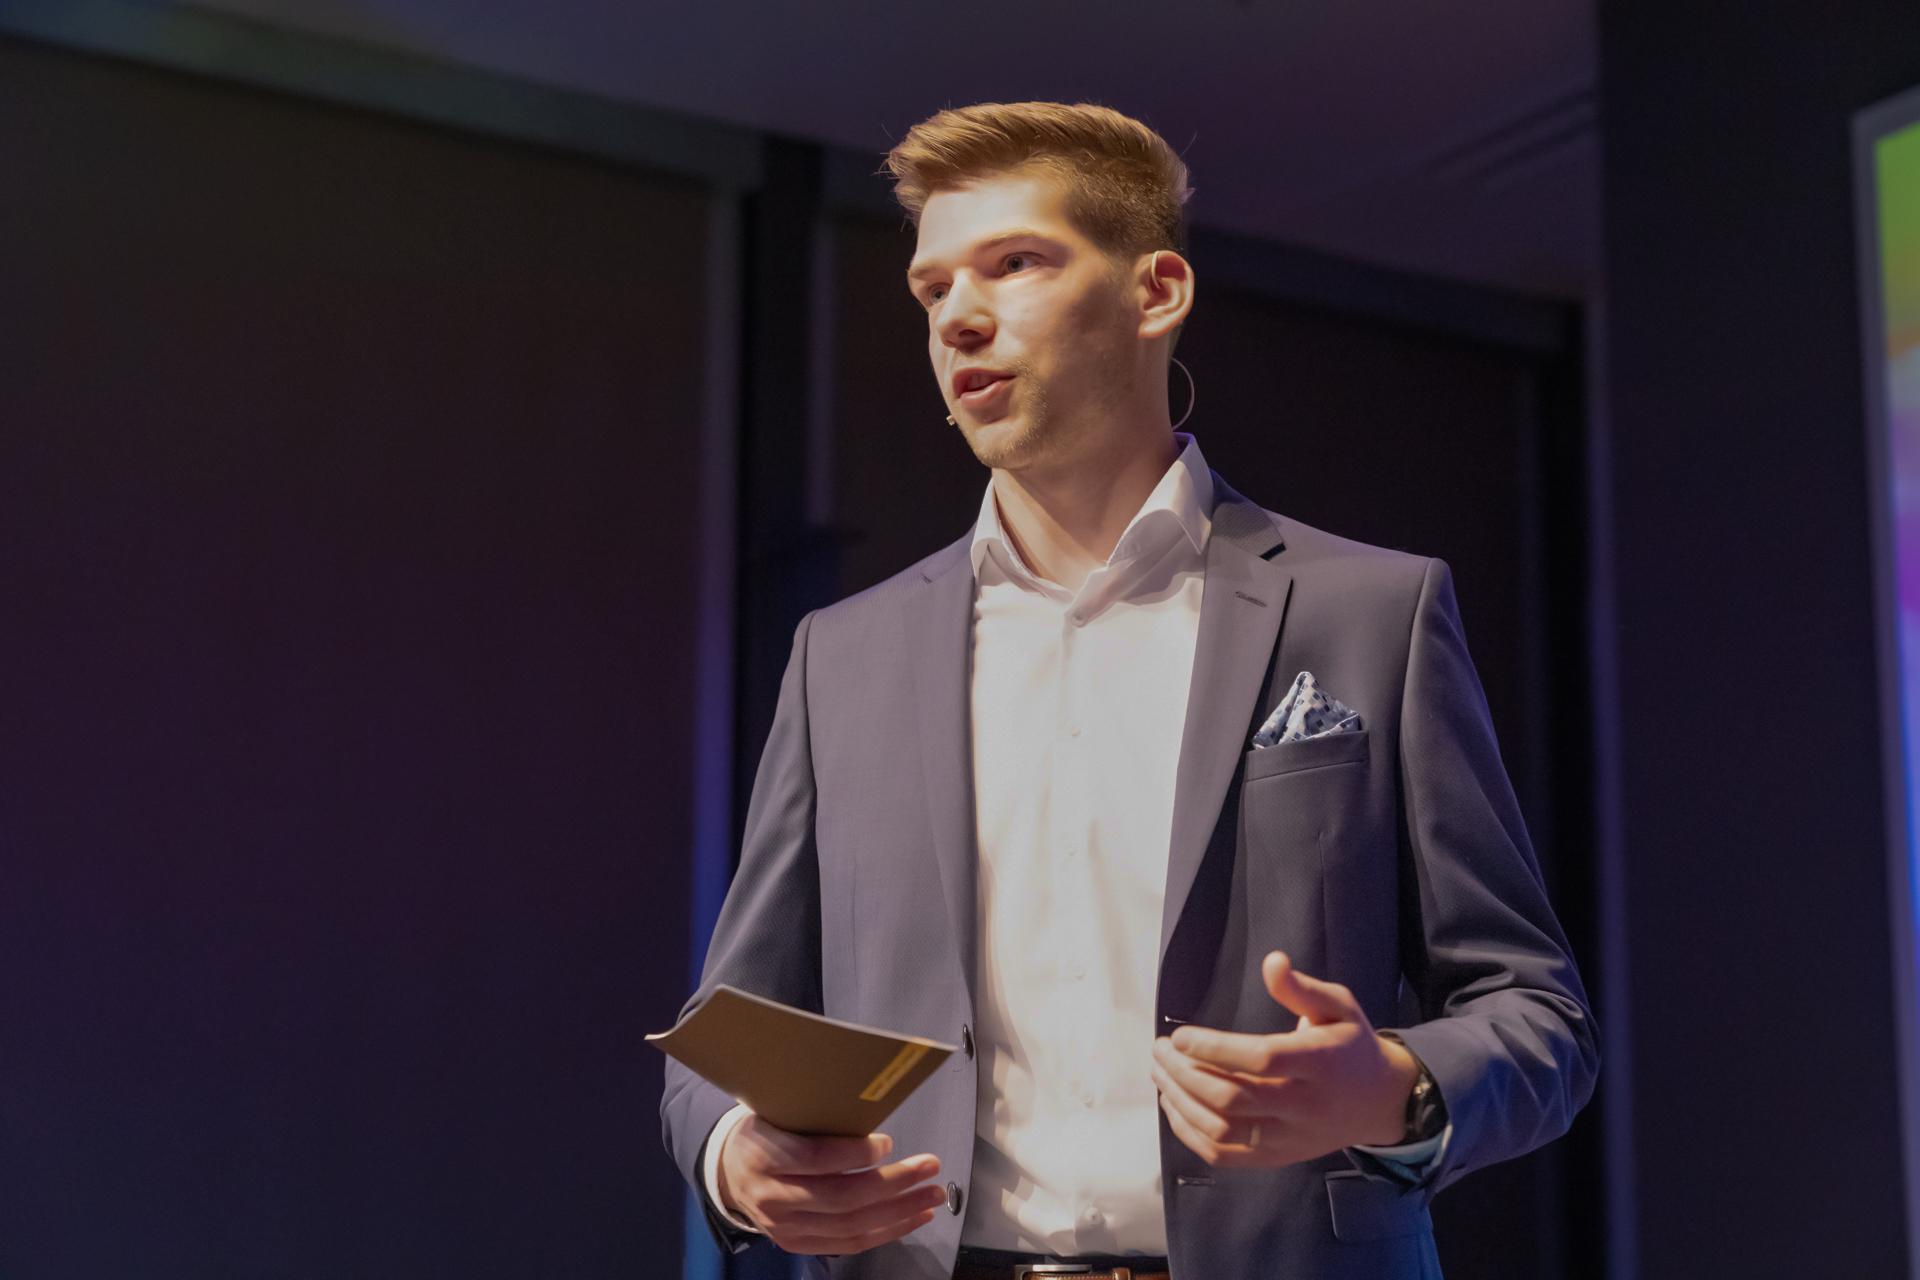 Kommunikationsberater Kristian Hachen zhaw angewandte linguistik